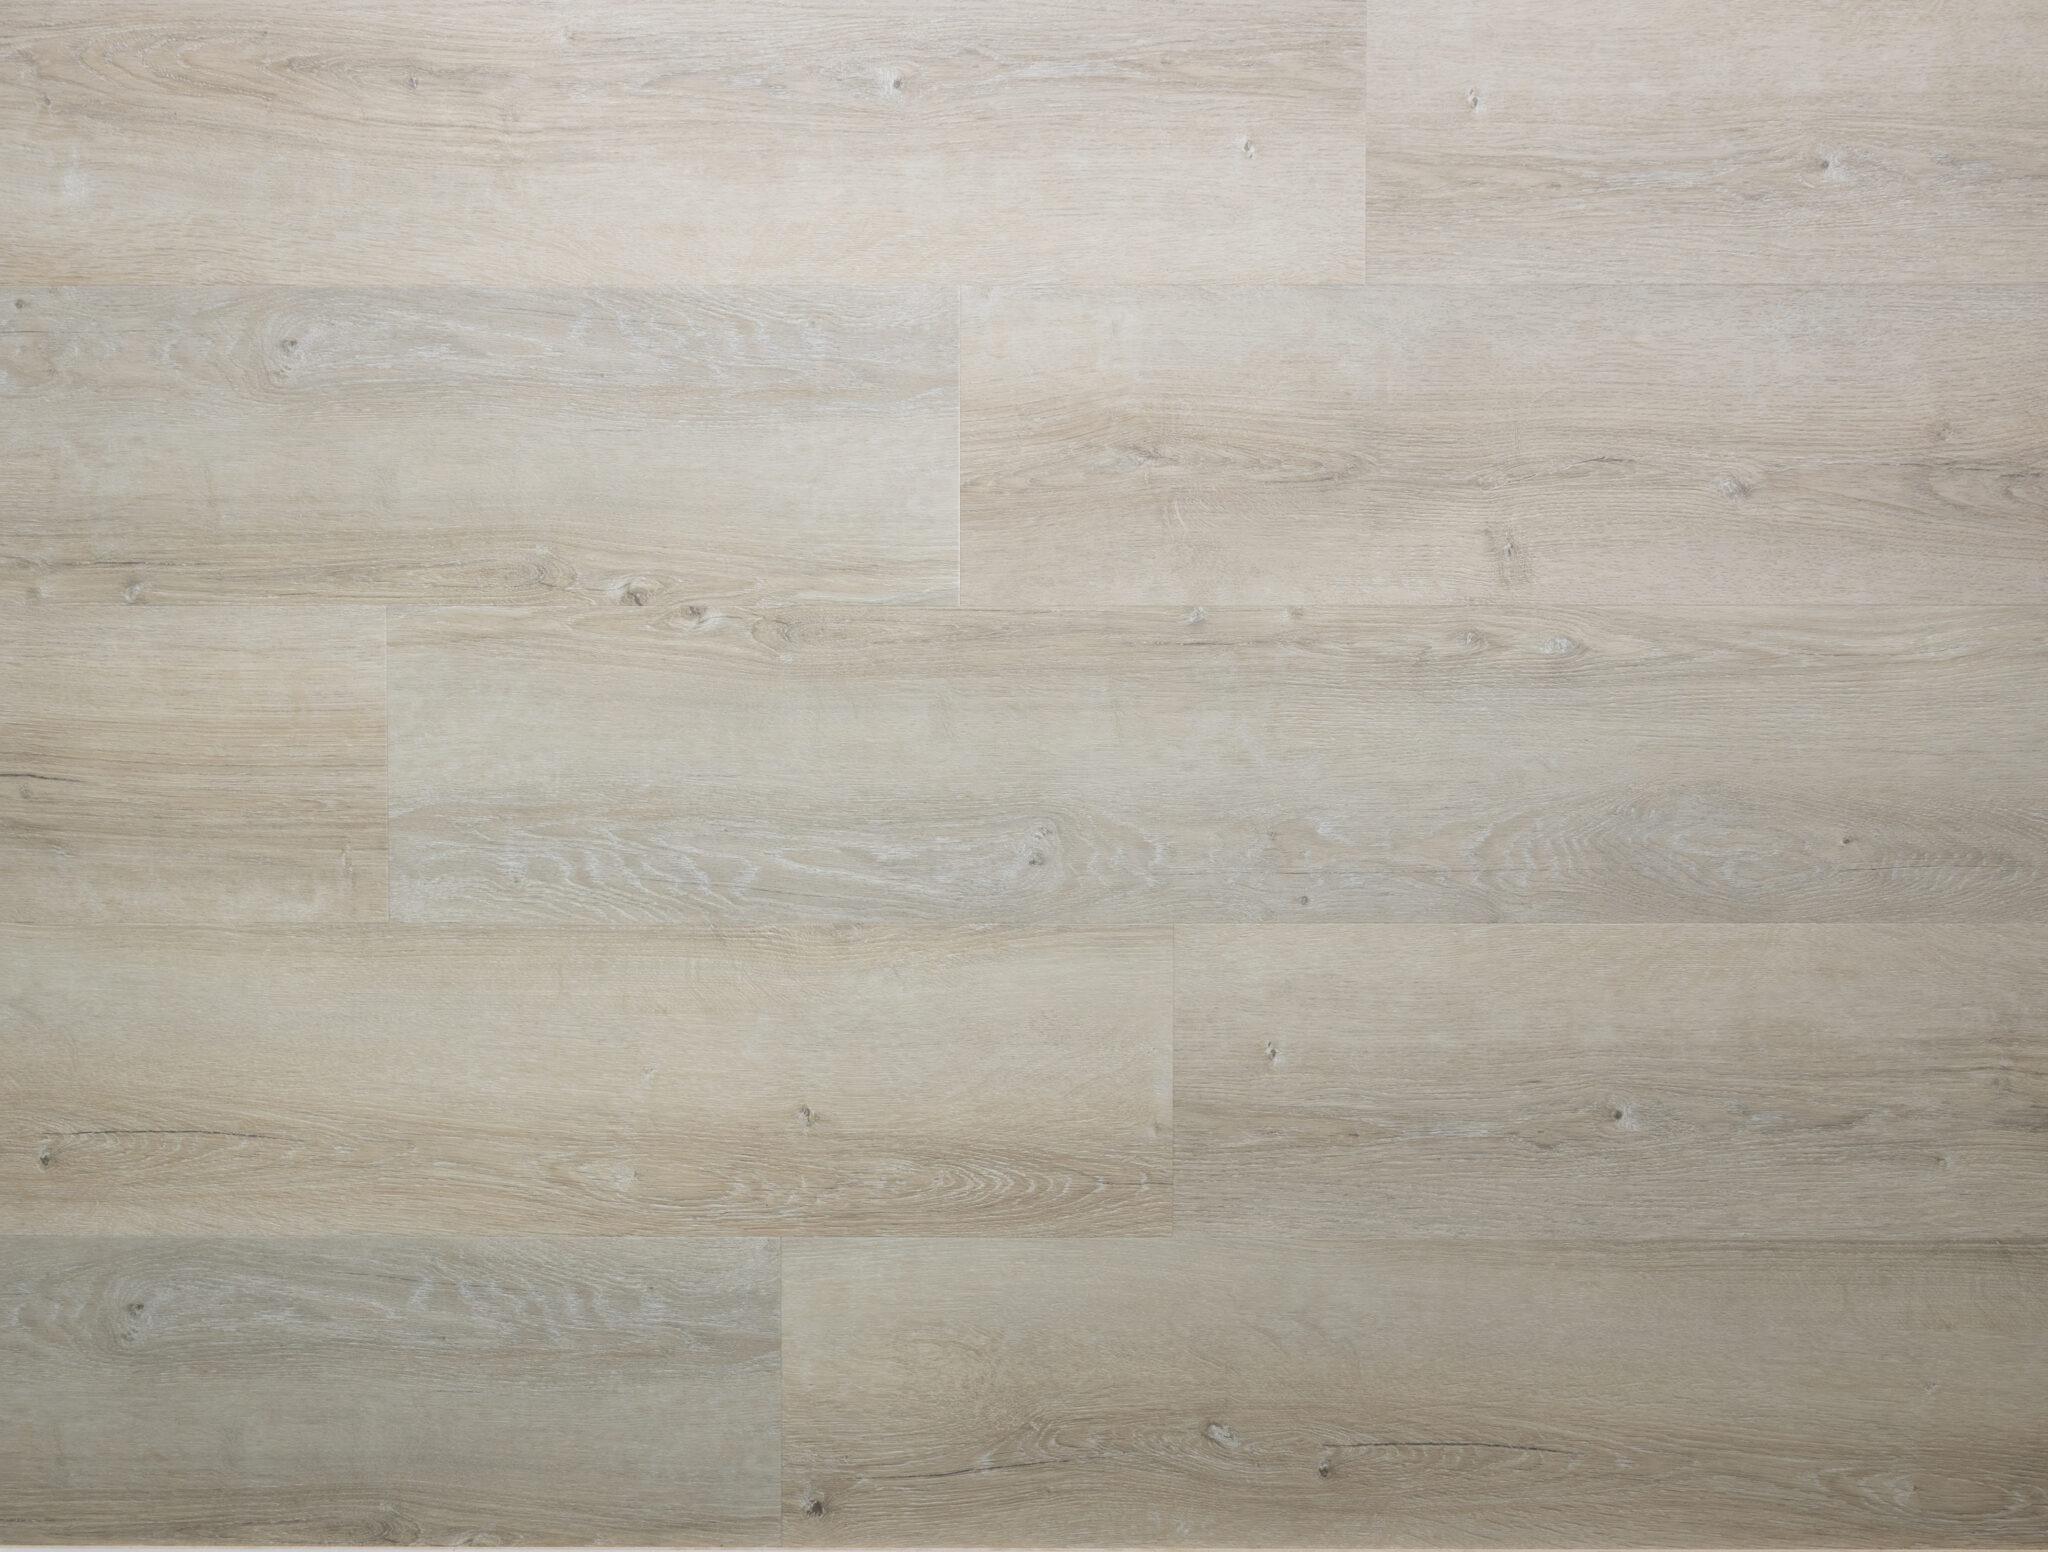 Afbeelding van vloersoort  dryback E70 mv4 PVC Eir